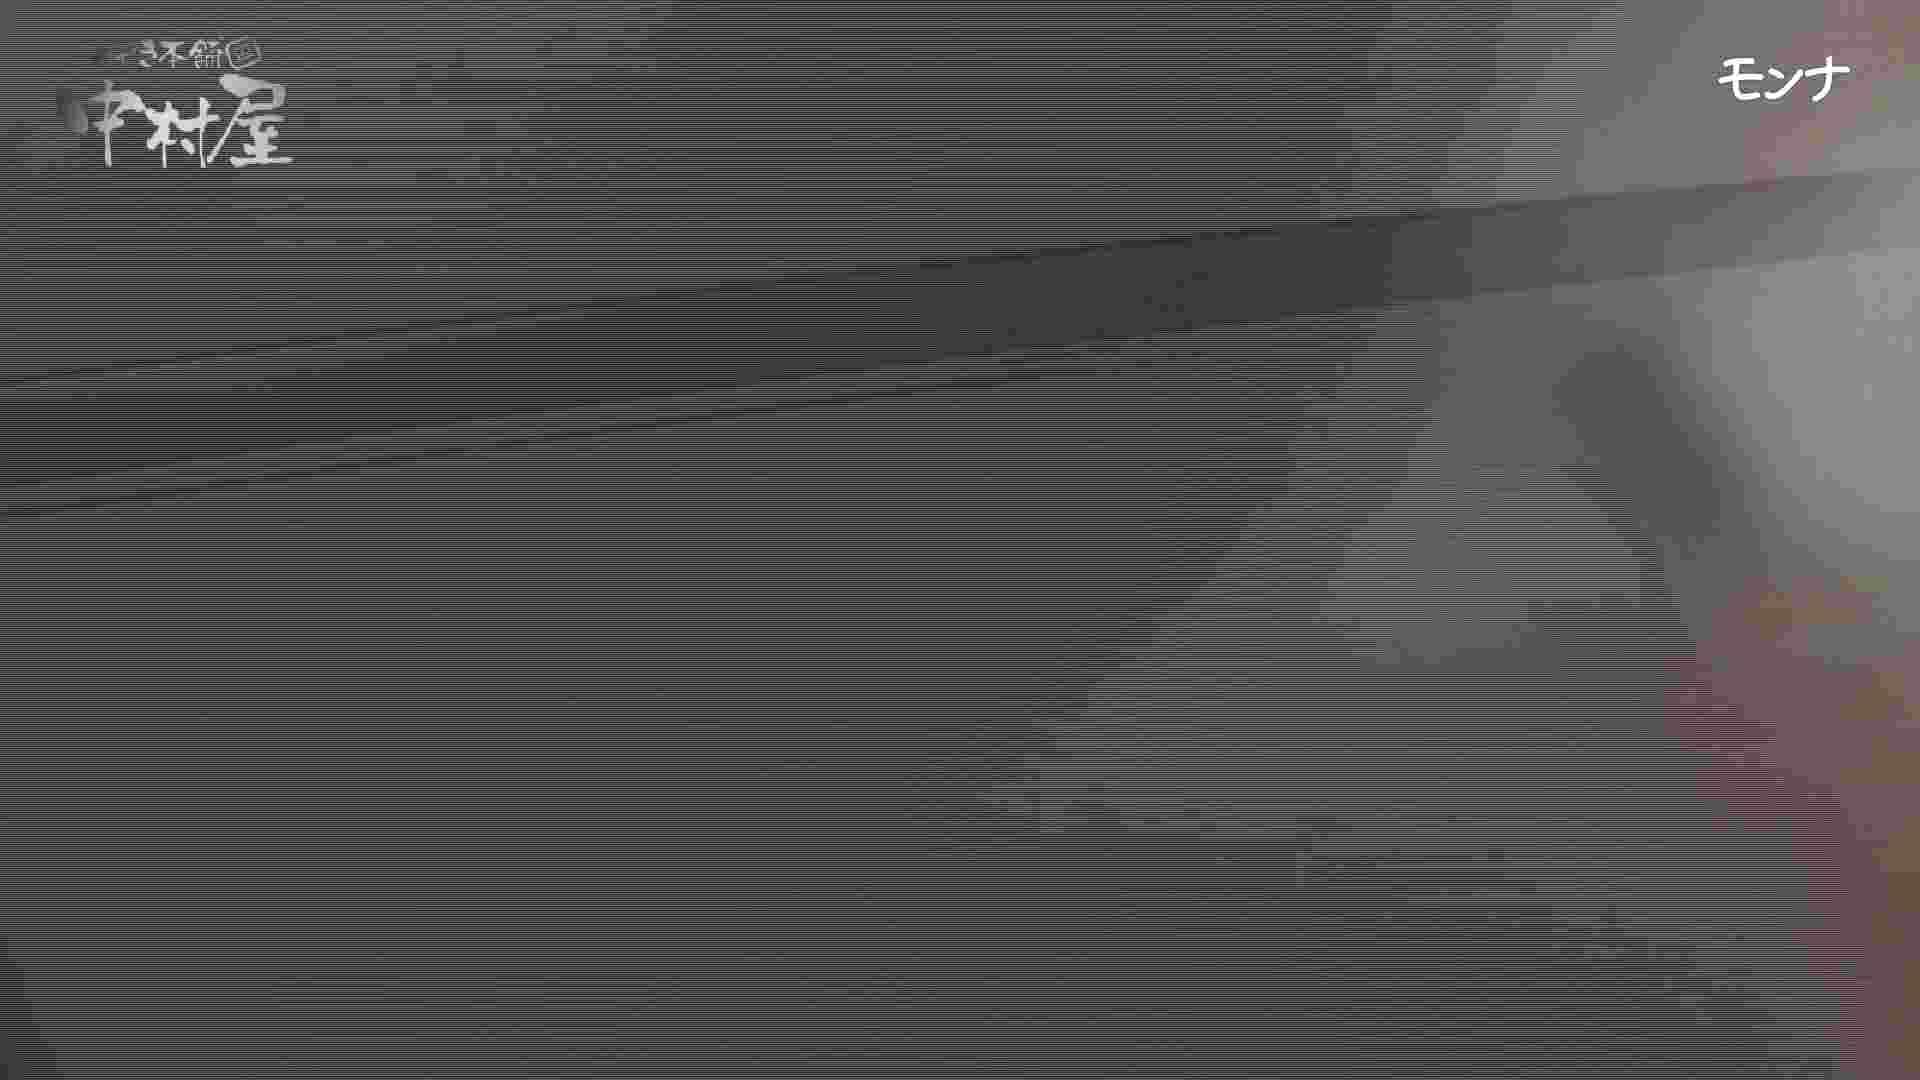 アダルトエロ動画 美しい日本の未来 No.47 冬Ver.進化 細い指でほじくりまくる!後編 のぞき本舗 中村屋